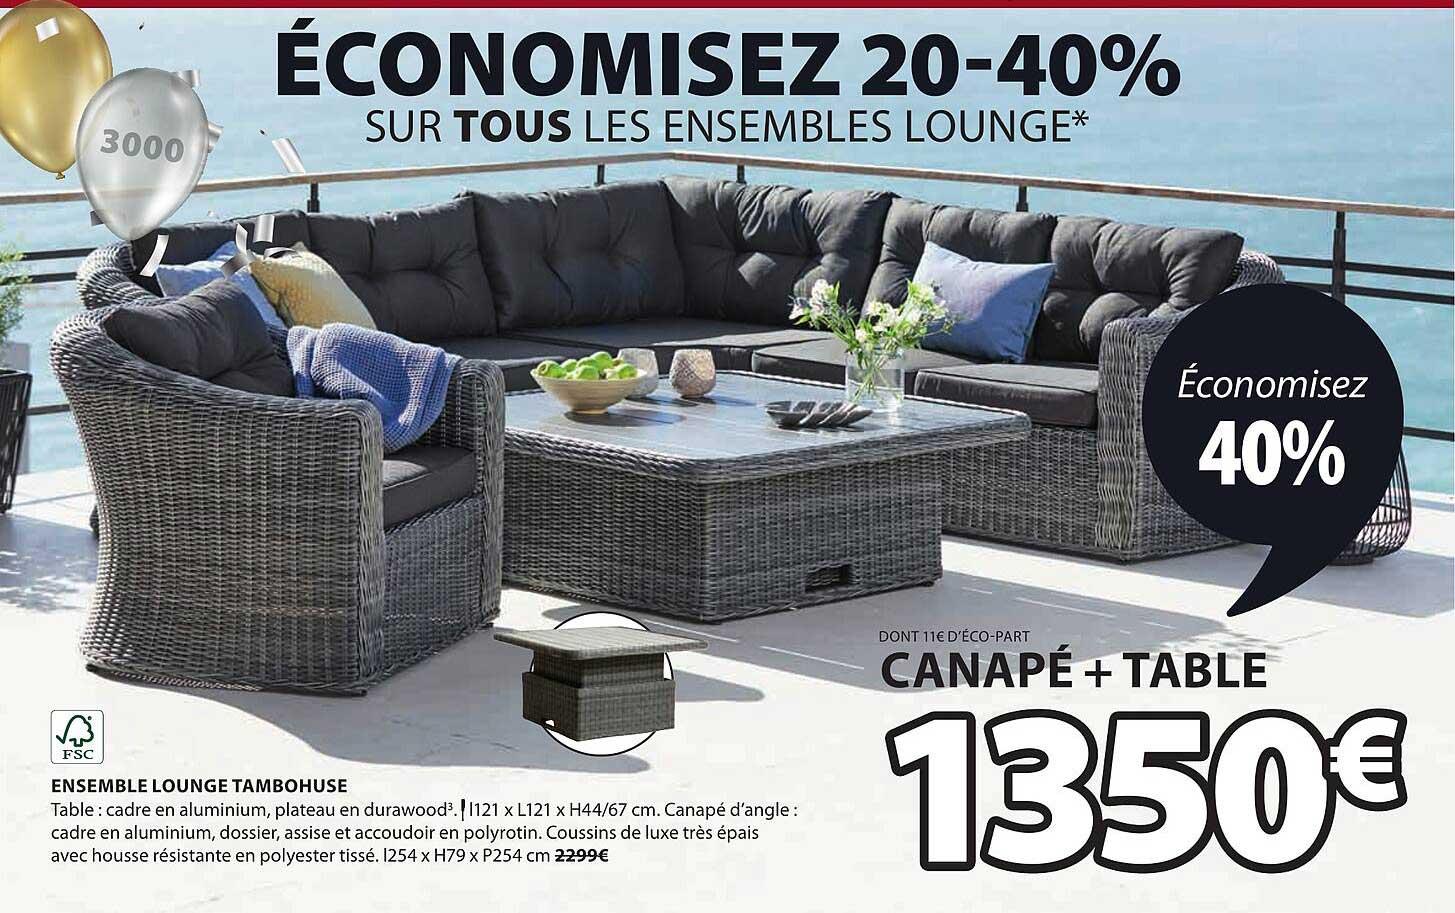 JYSK Ensemble Lounge Tambohuse : Canapé + Table